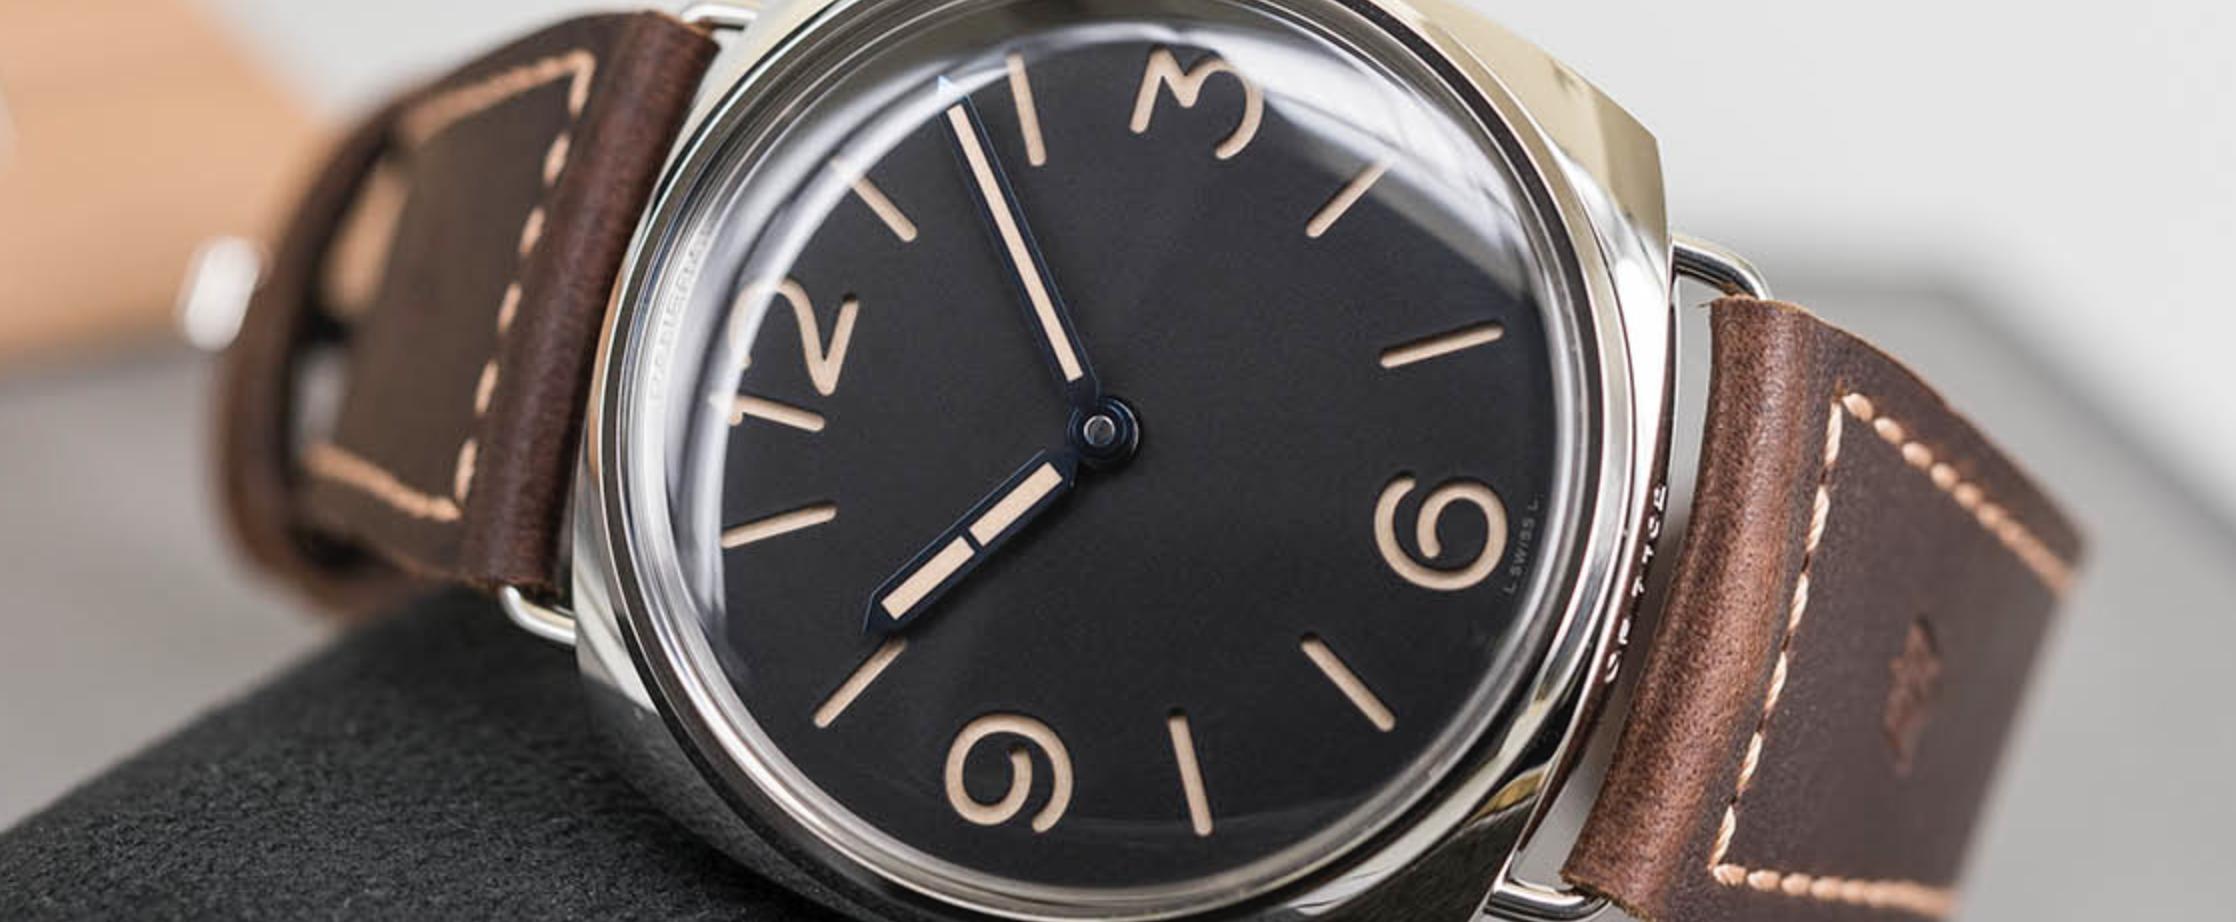 最忠实于原版的复刻腕表-沛纳海Luminor系列PAM00720和PAM00721